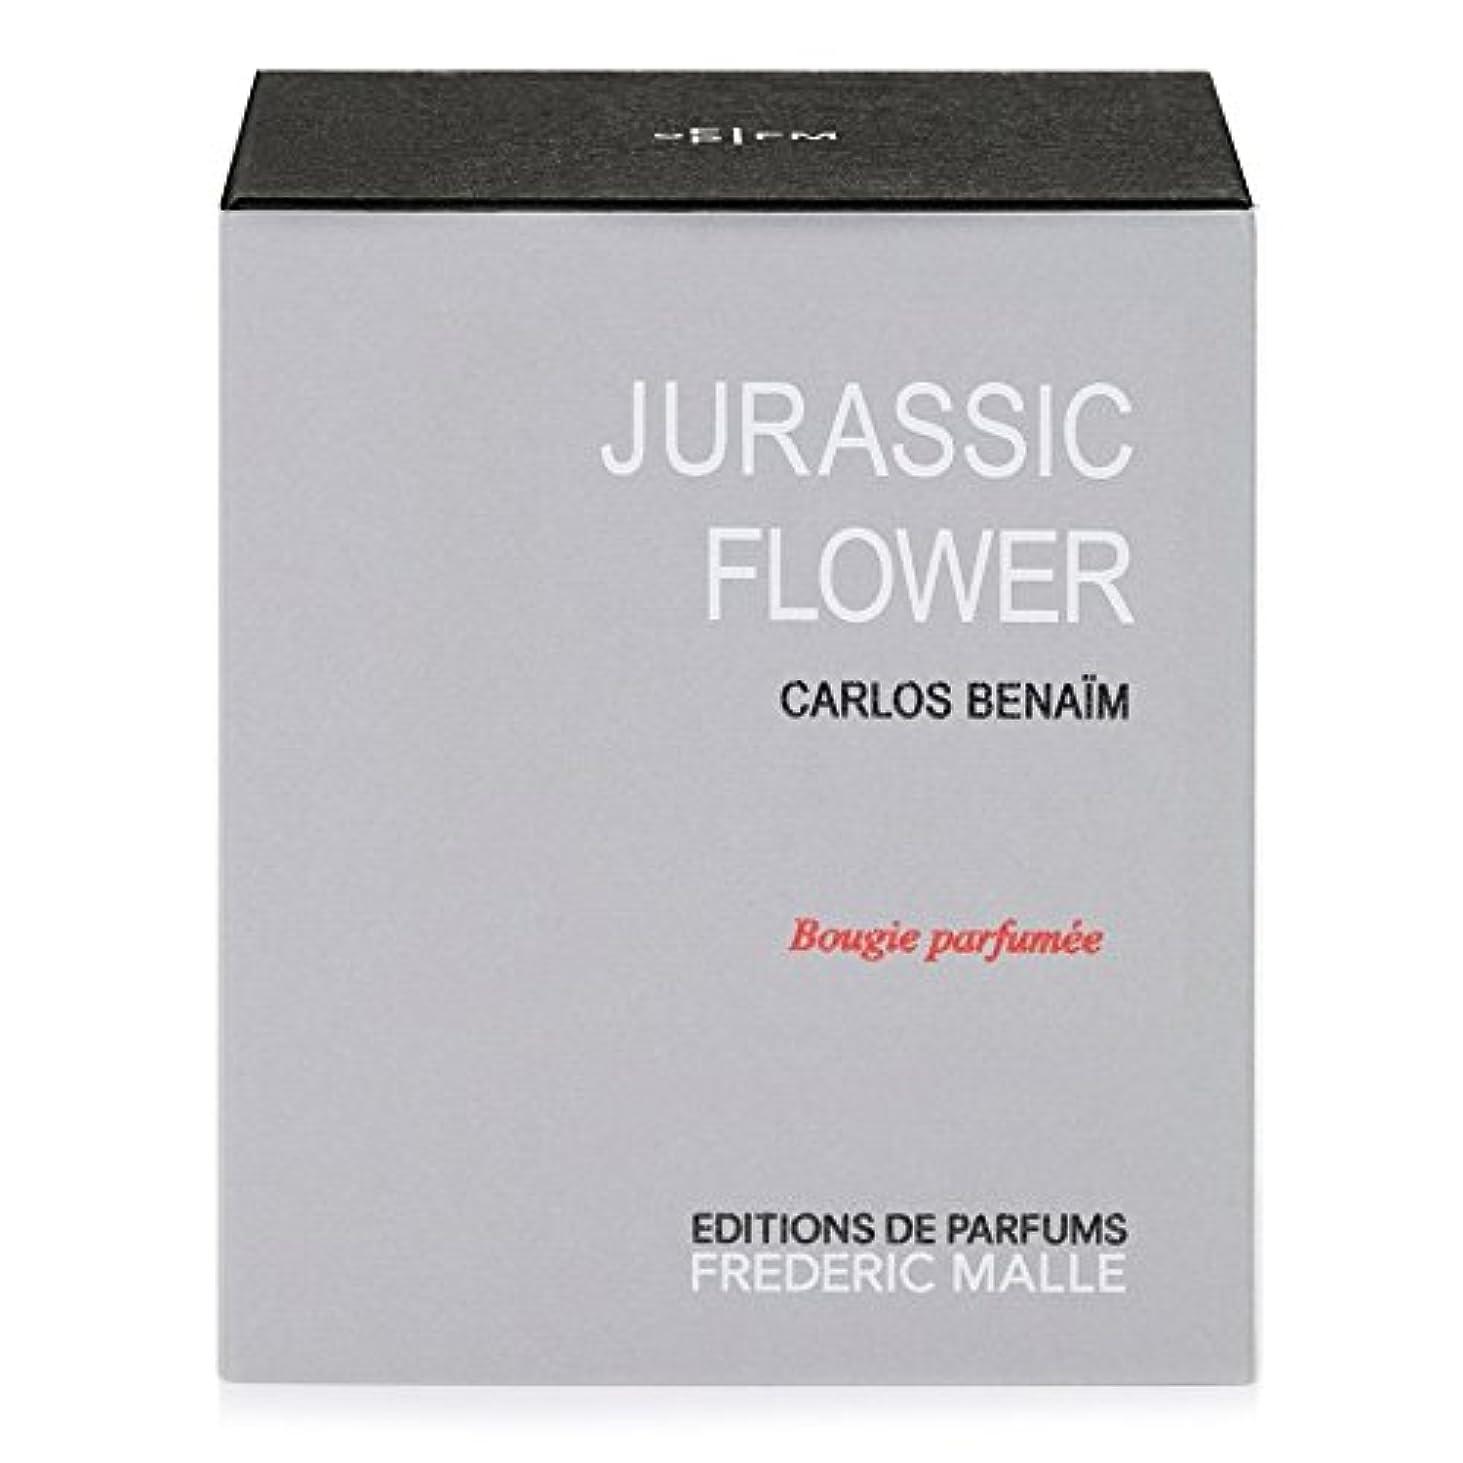 ハイキングに行くめんどりワゴンフレデリック?マルジュラ紀の花の香りのキャンドル220グラム x6 - Frederic Malle Jurassic Flower Scented Candle 220g (Pack of 6) [並行輸入品]